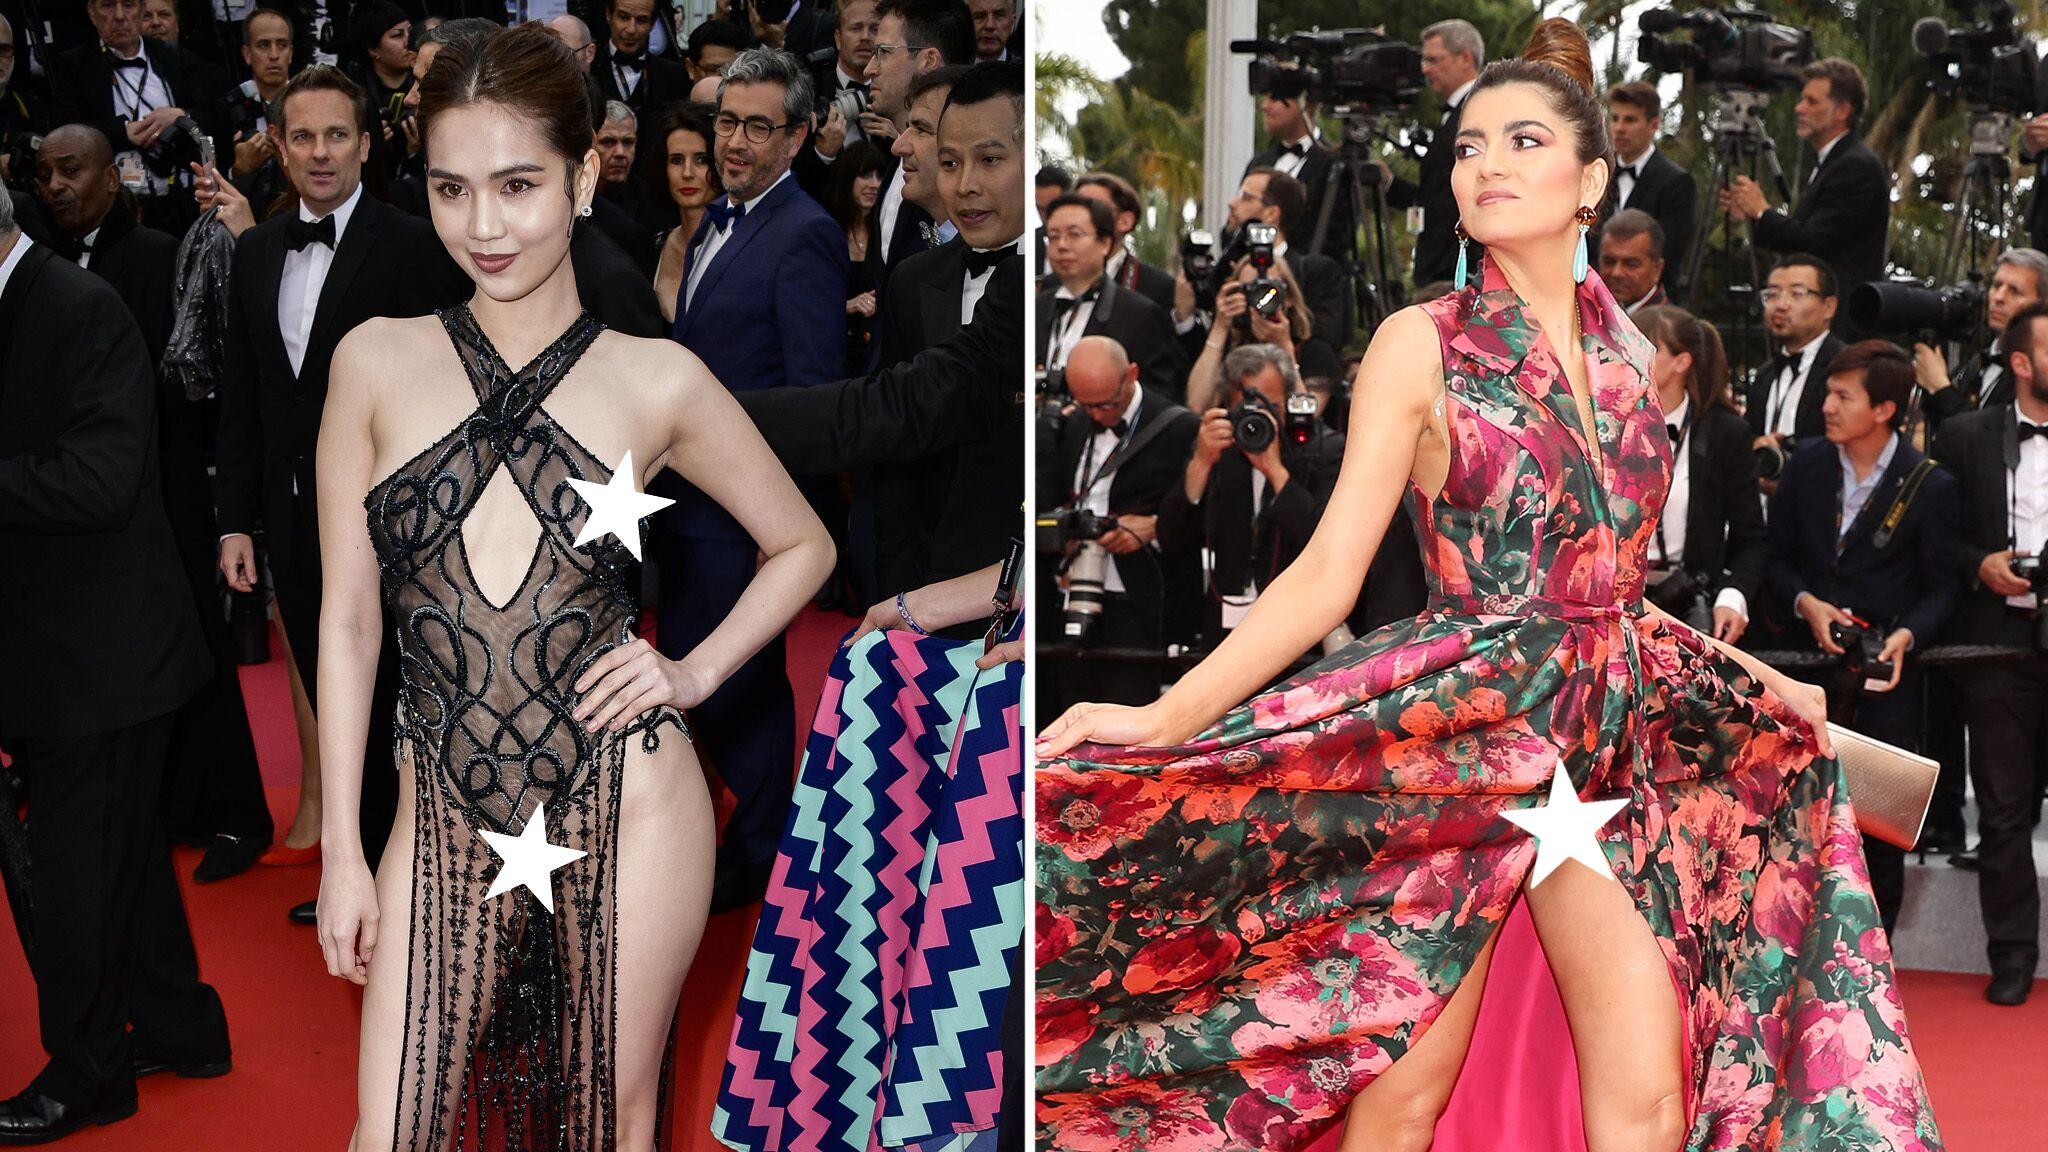 PHOTOS Cannes 2019 : alerte sexy sur la Croisette, deux invitées en montrent trop